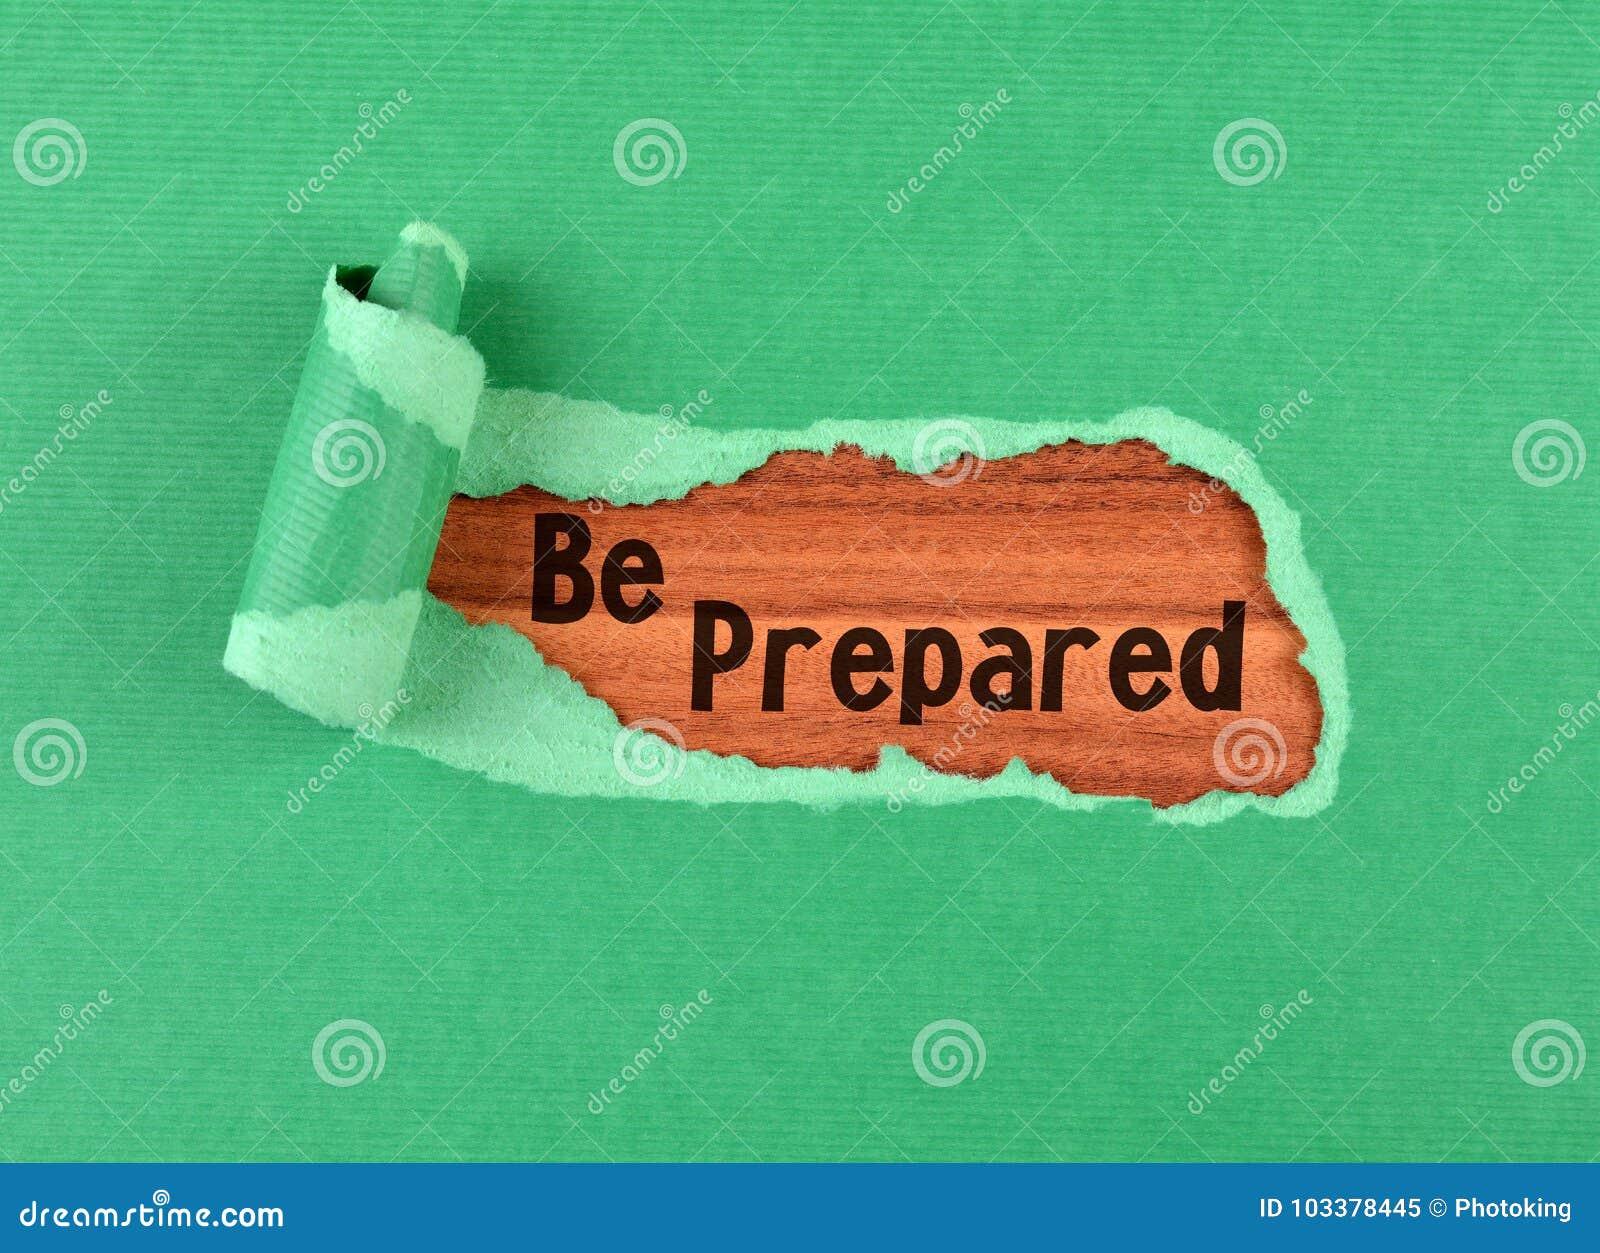 Seien Sie vorbereitetes Wort